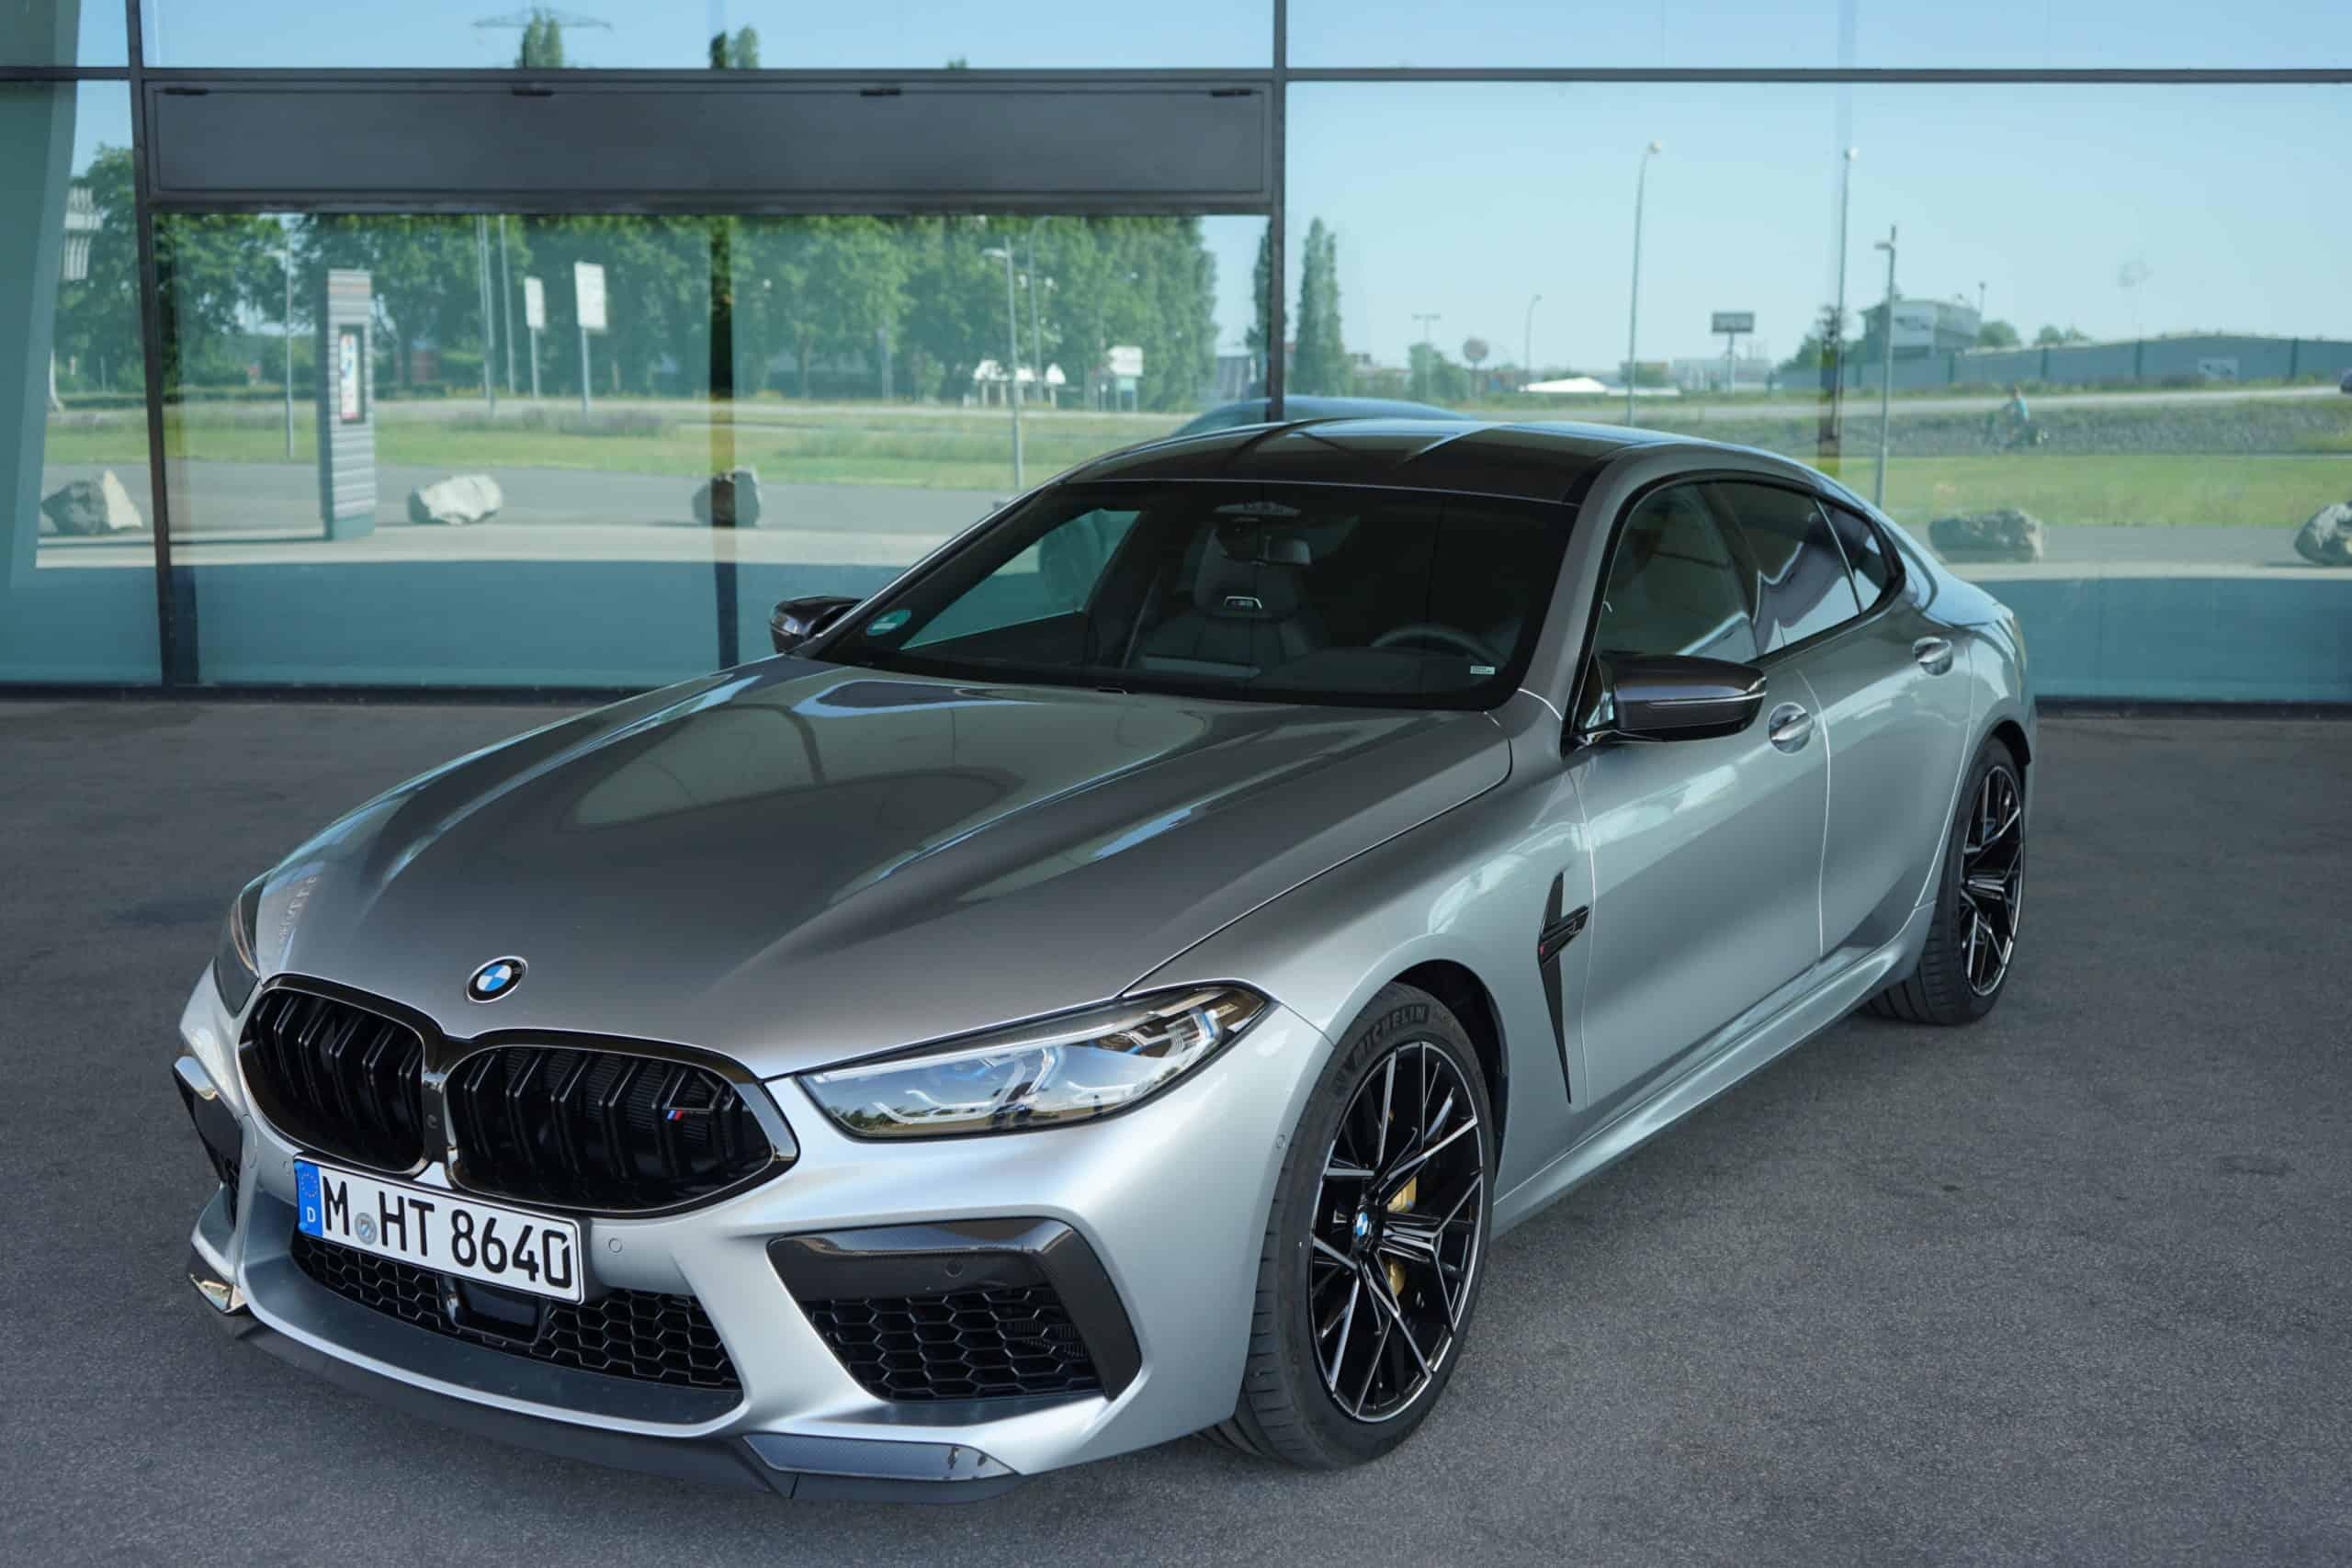 BMW M8 Gran Coupé Competition (2020) I Meine Eindrücke des leistungsstärksten Motors aller BMW Serienfahrzeuge